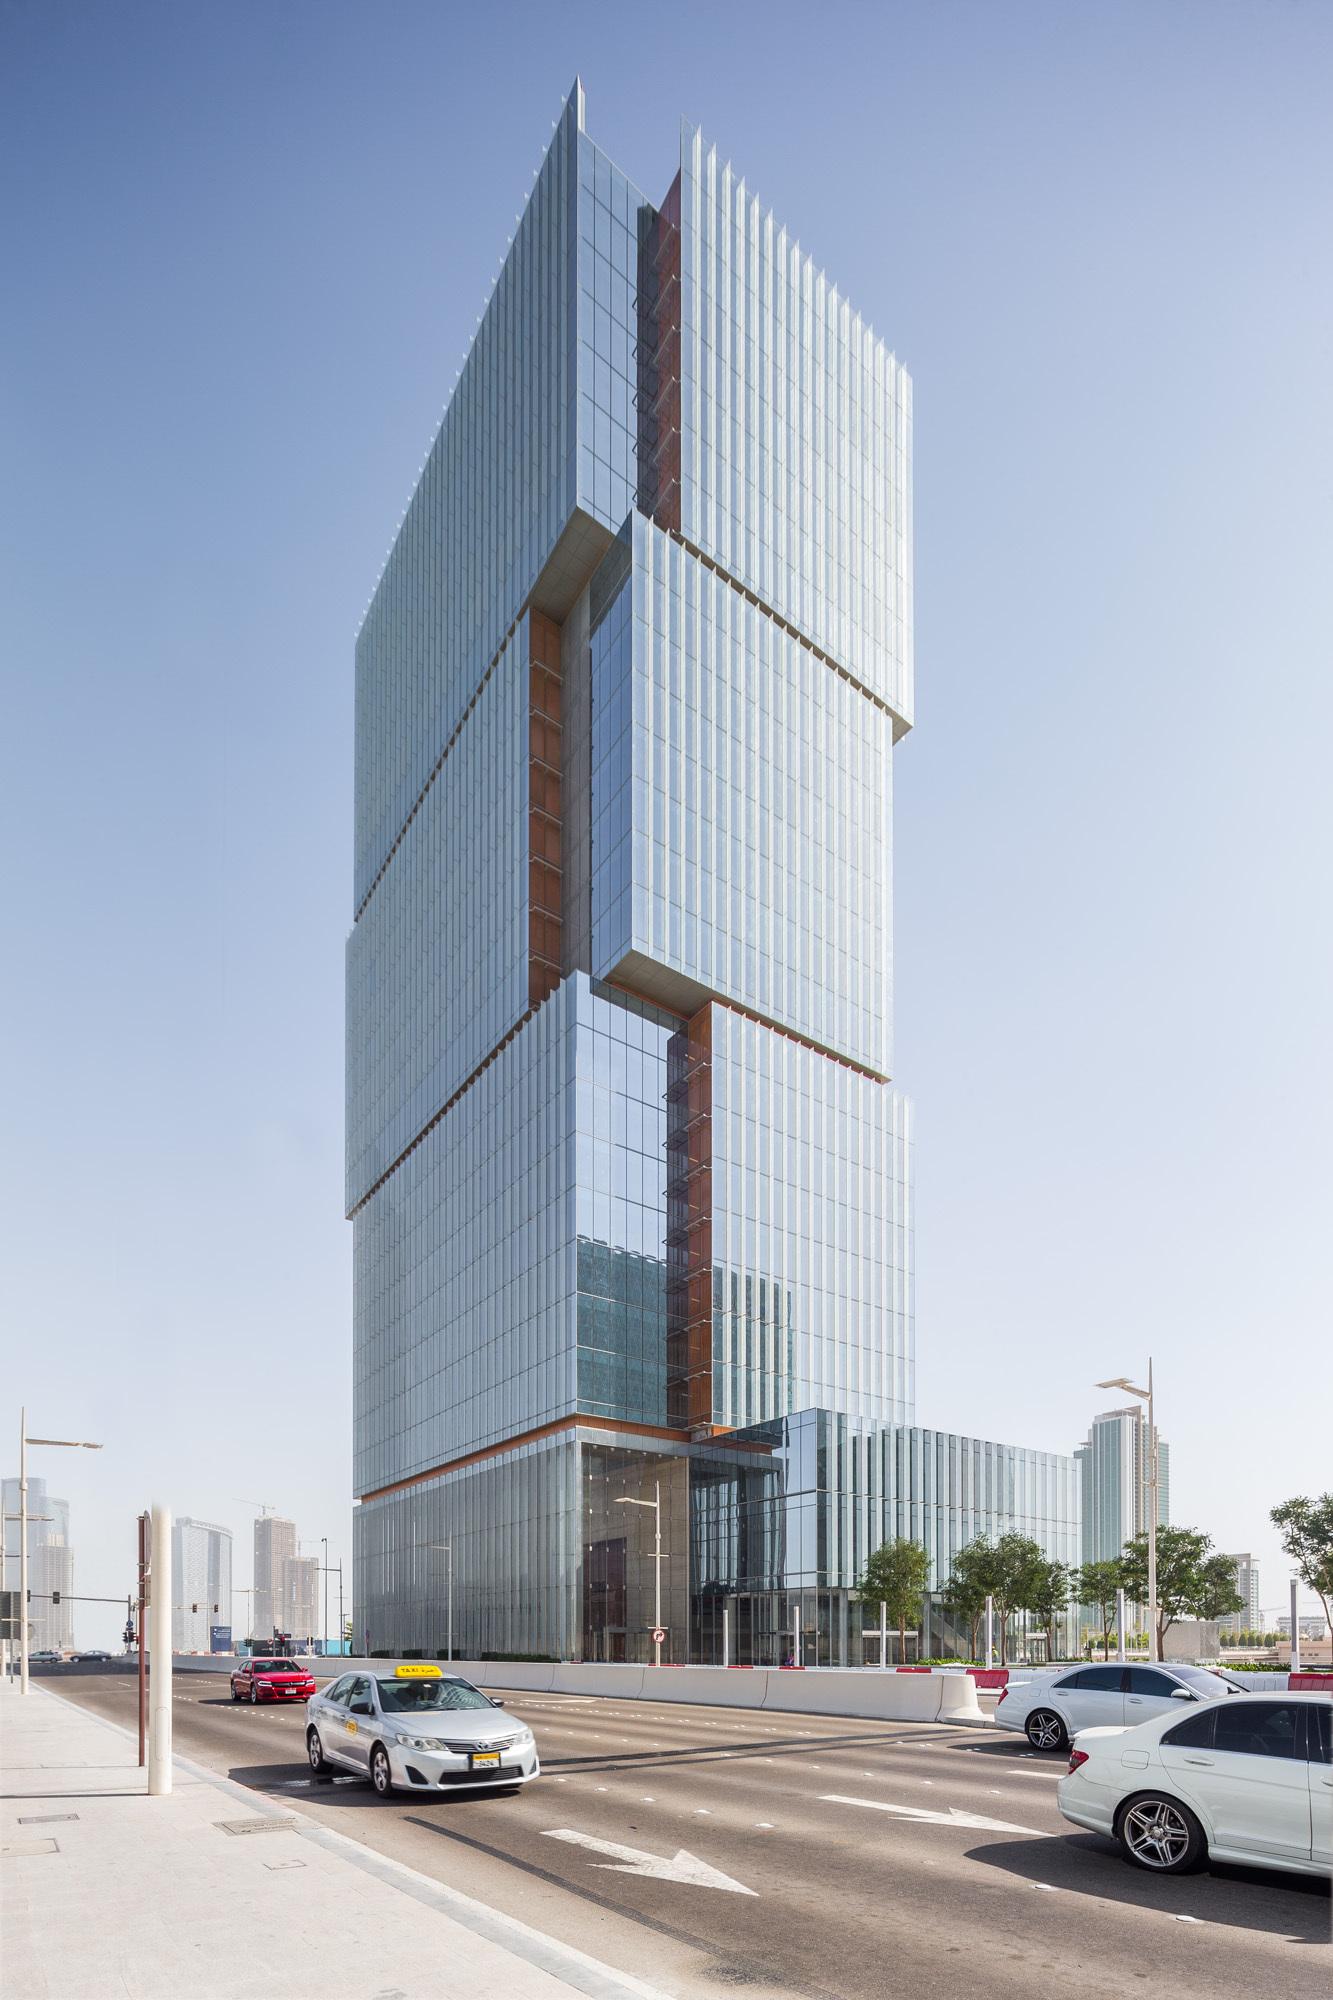 Al Hilal Bank Office Tower / Goettsch Partners